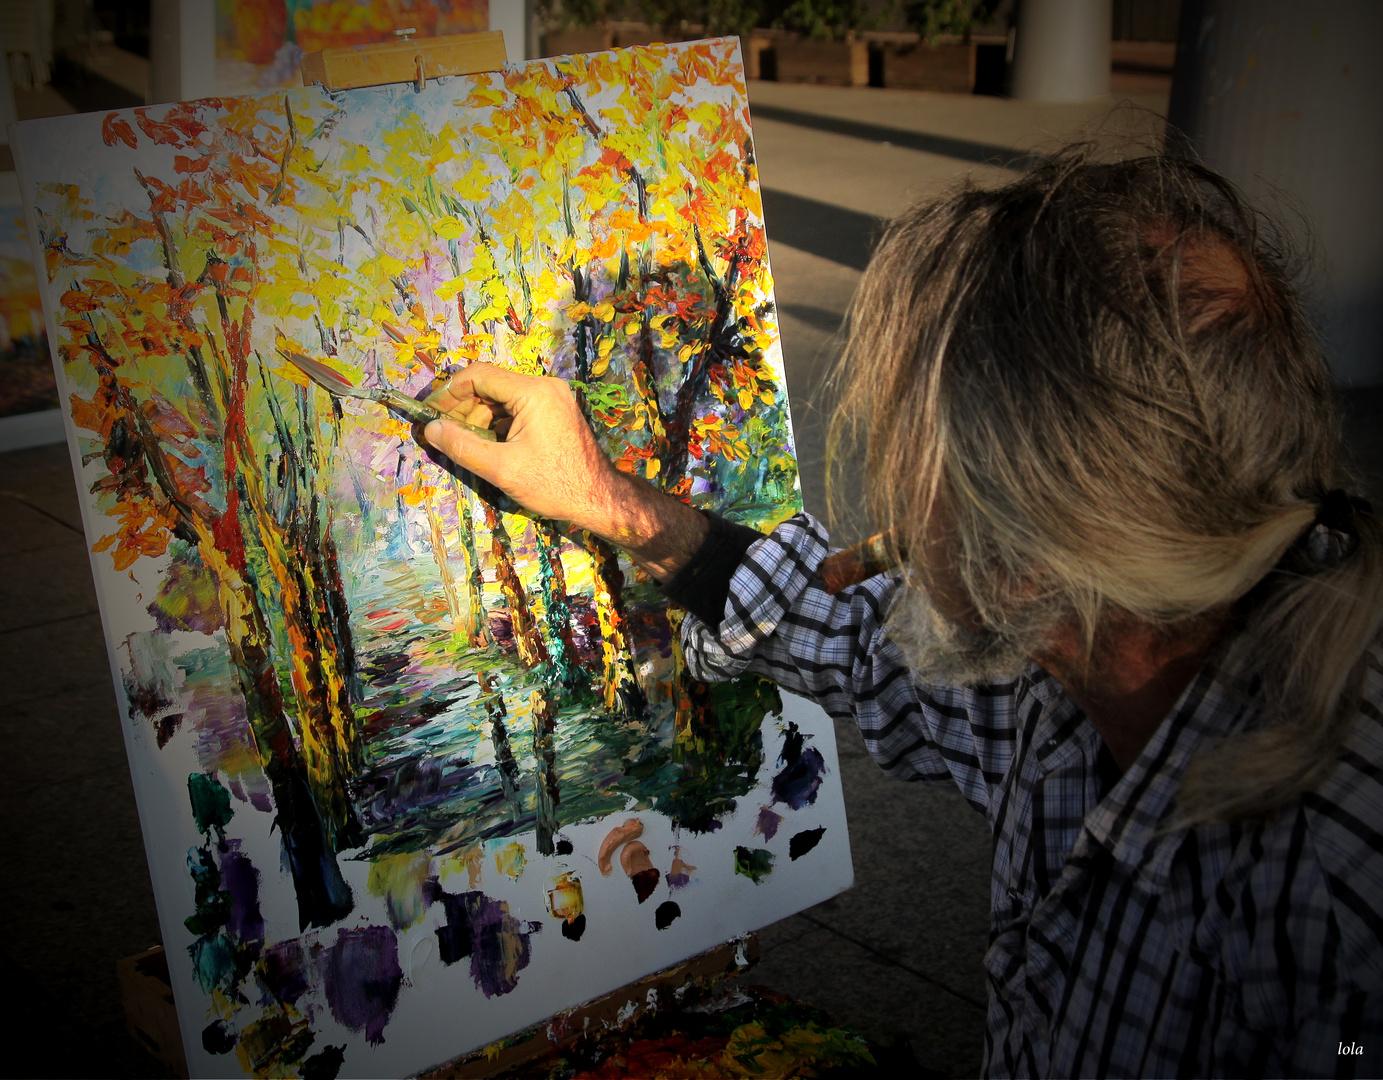 ...la mano del artista...